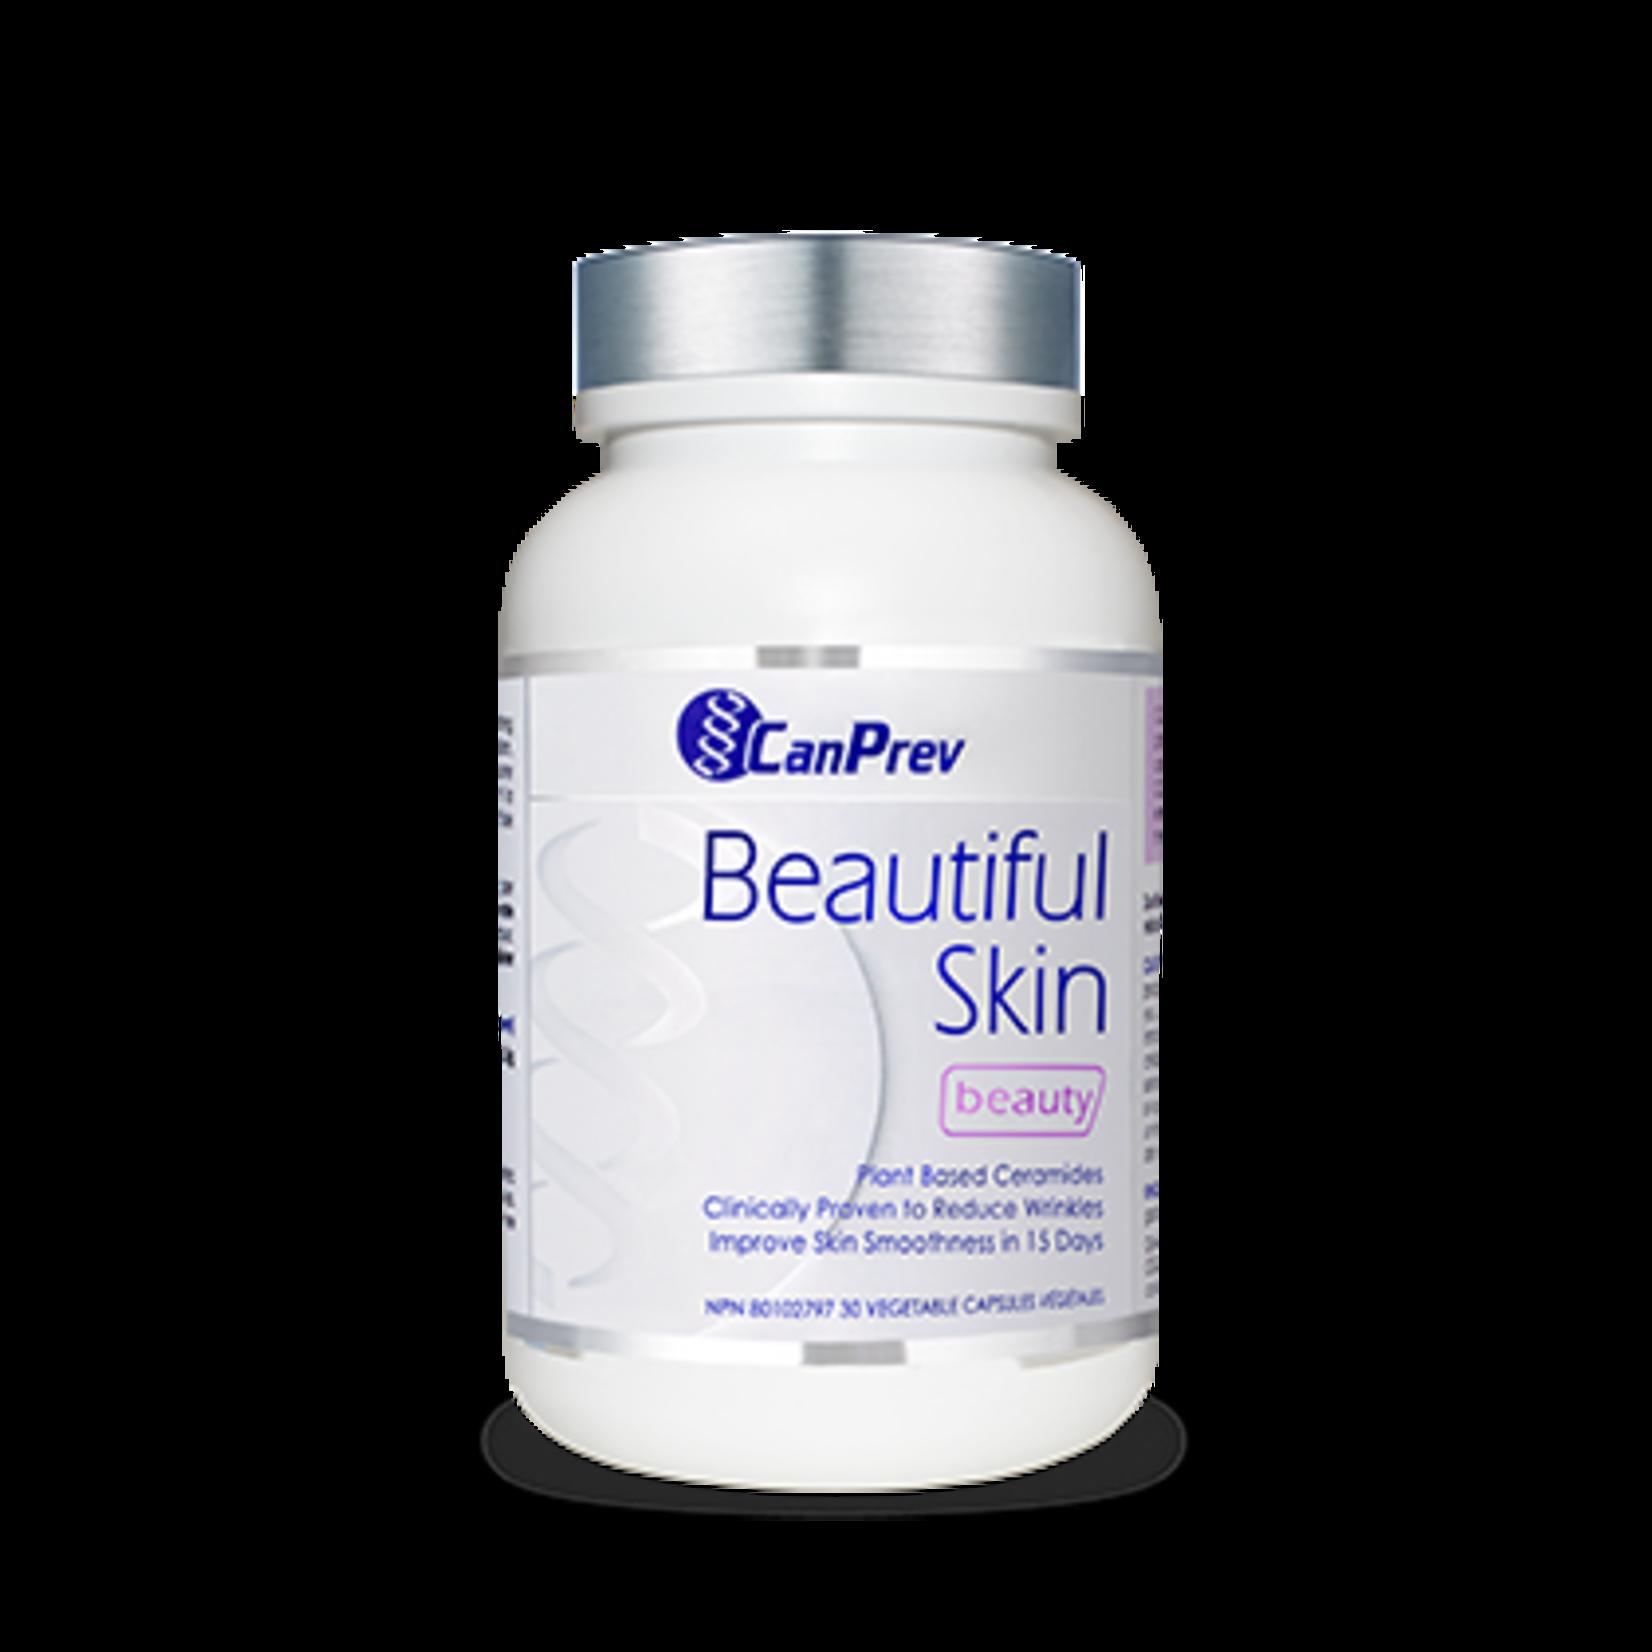 Can Prev Beautiful Skin 30 caps